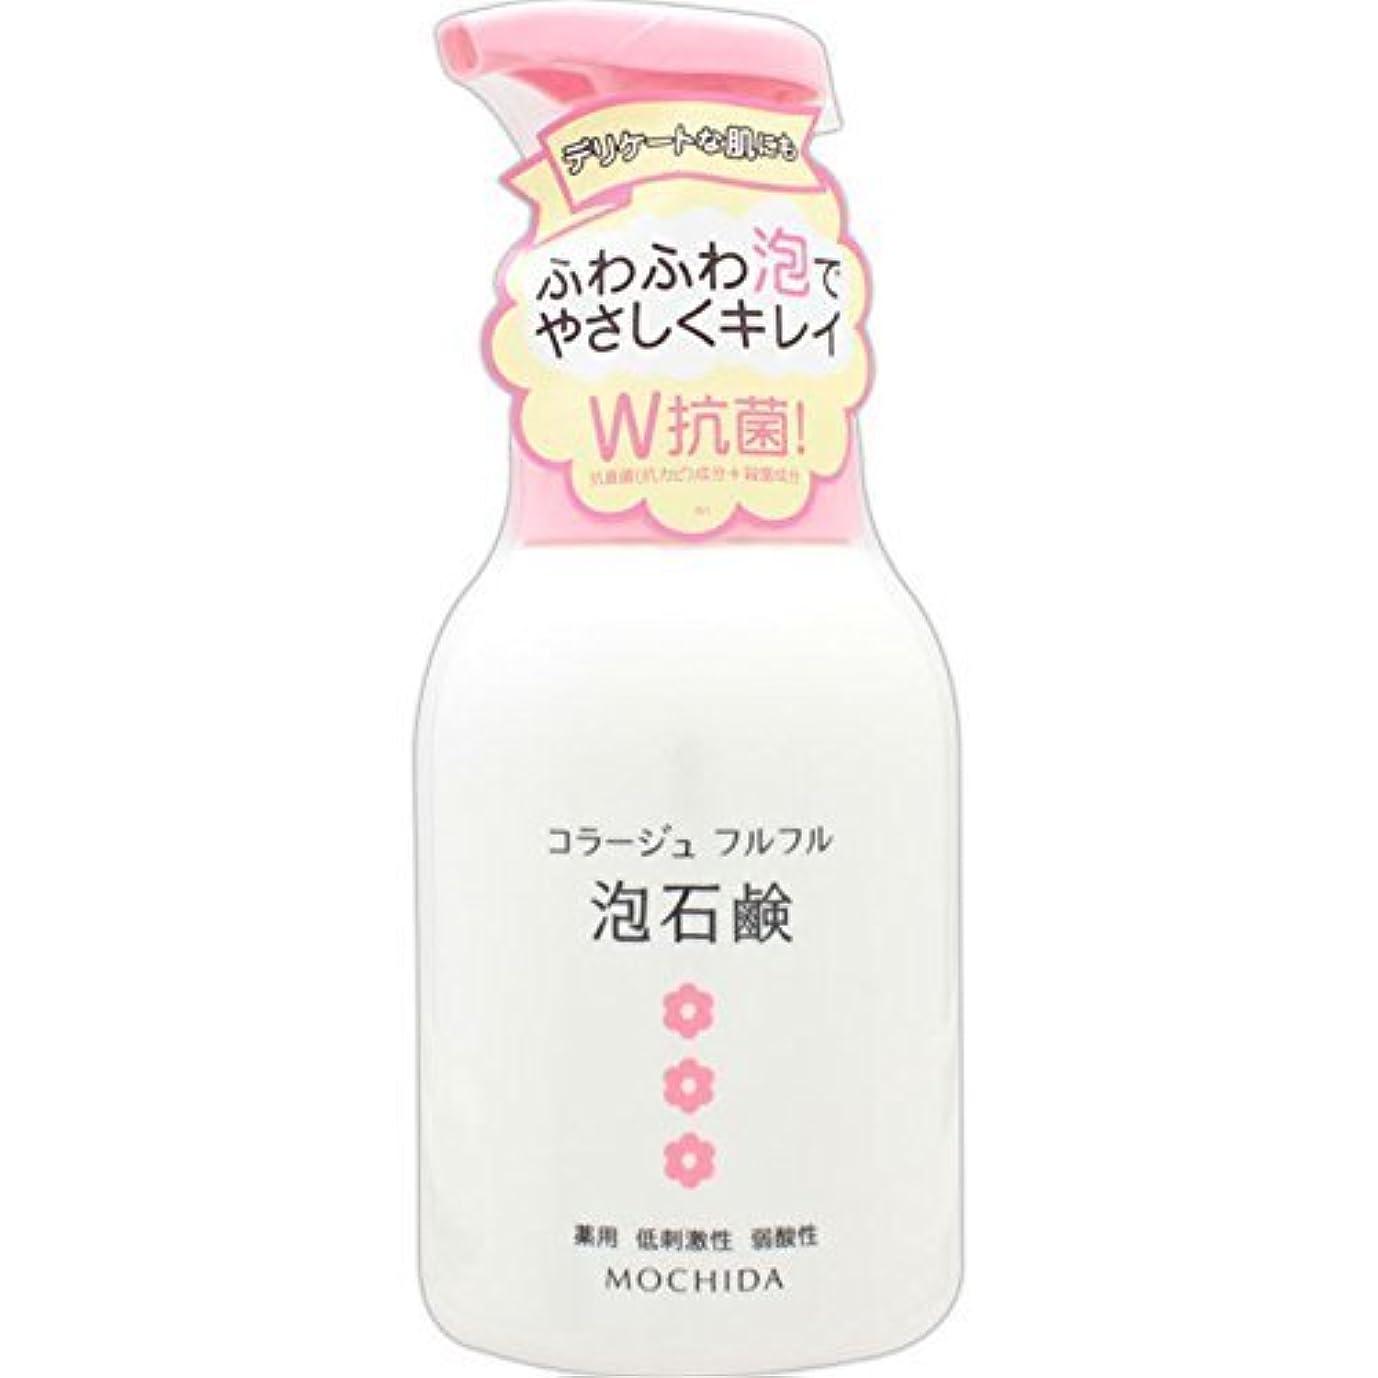 自分法律によりマーキーコラージュフルフル 泡石鹸 ピンク 300m L (医薬部外品) ×9